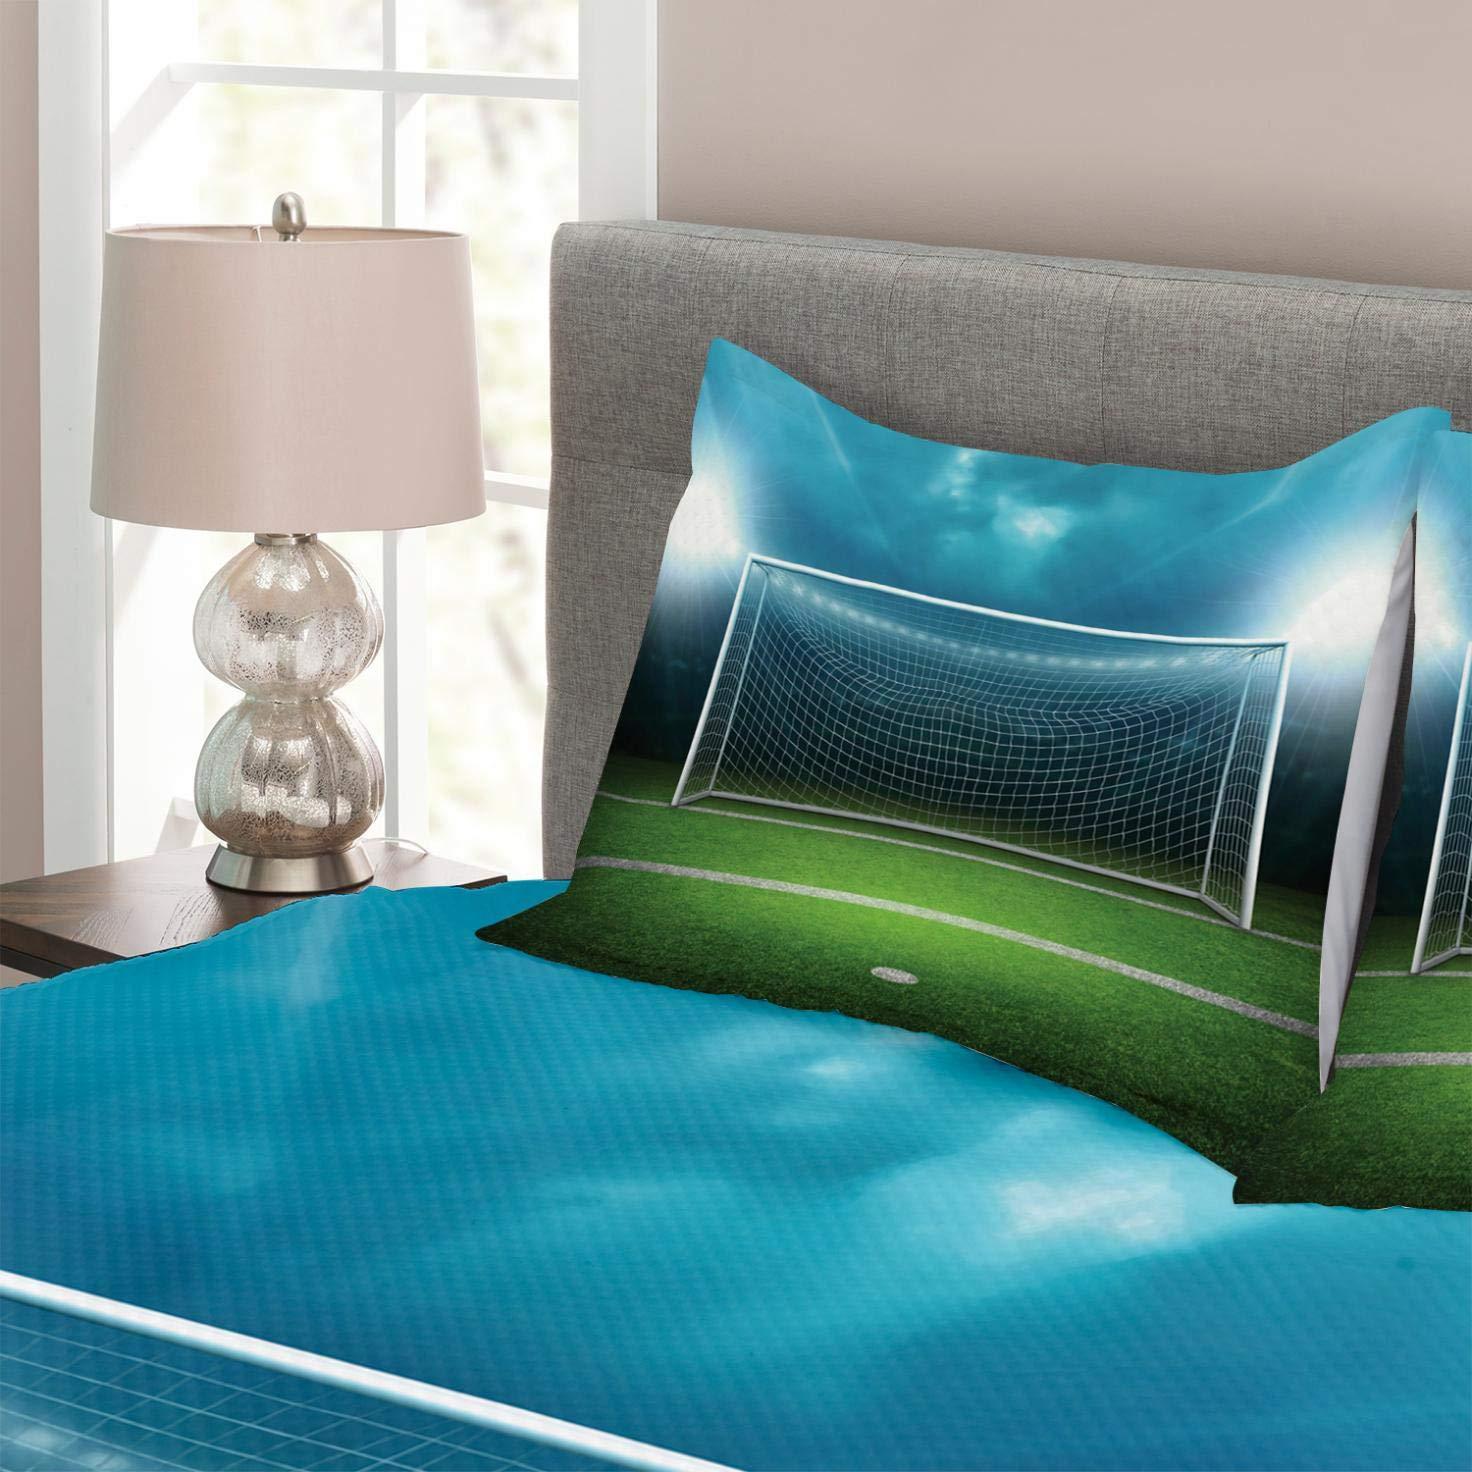 Abakuhaus Fußball Tagesdecke Set, Fußball-Fußball-Spiel, Set mit mit mit Kissenbezug Mit Digitaldruck, für Einselbetten 170 x 220 cm, Grün Blau 4a6716